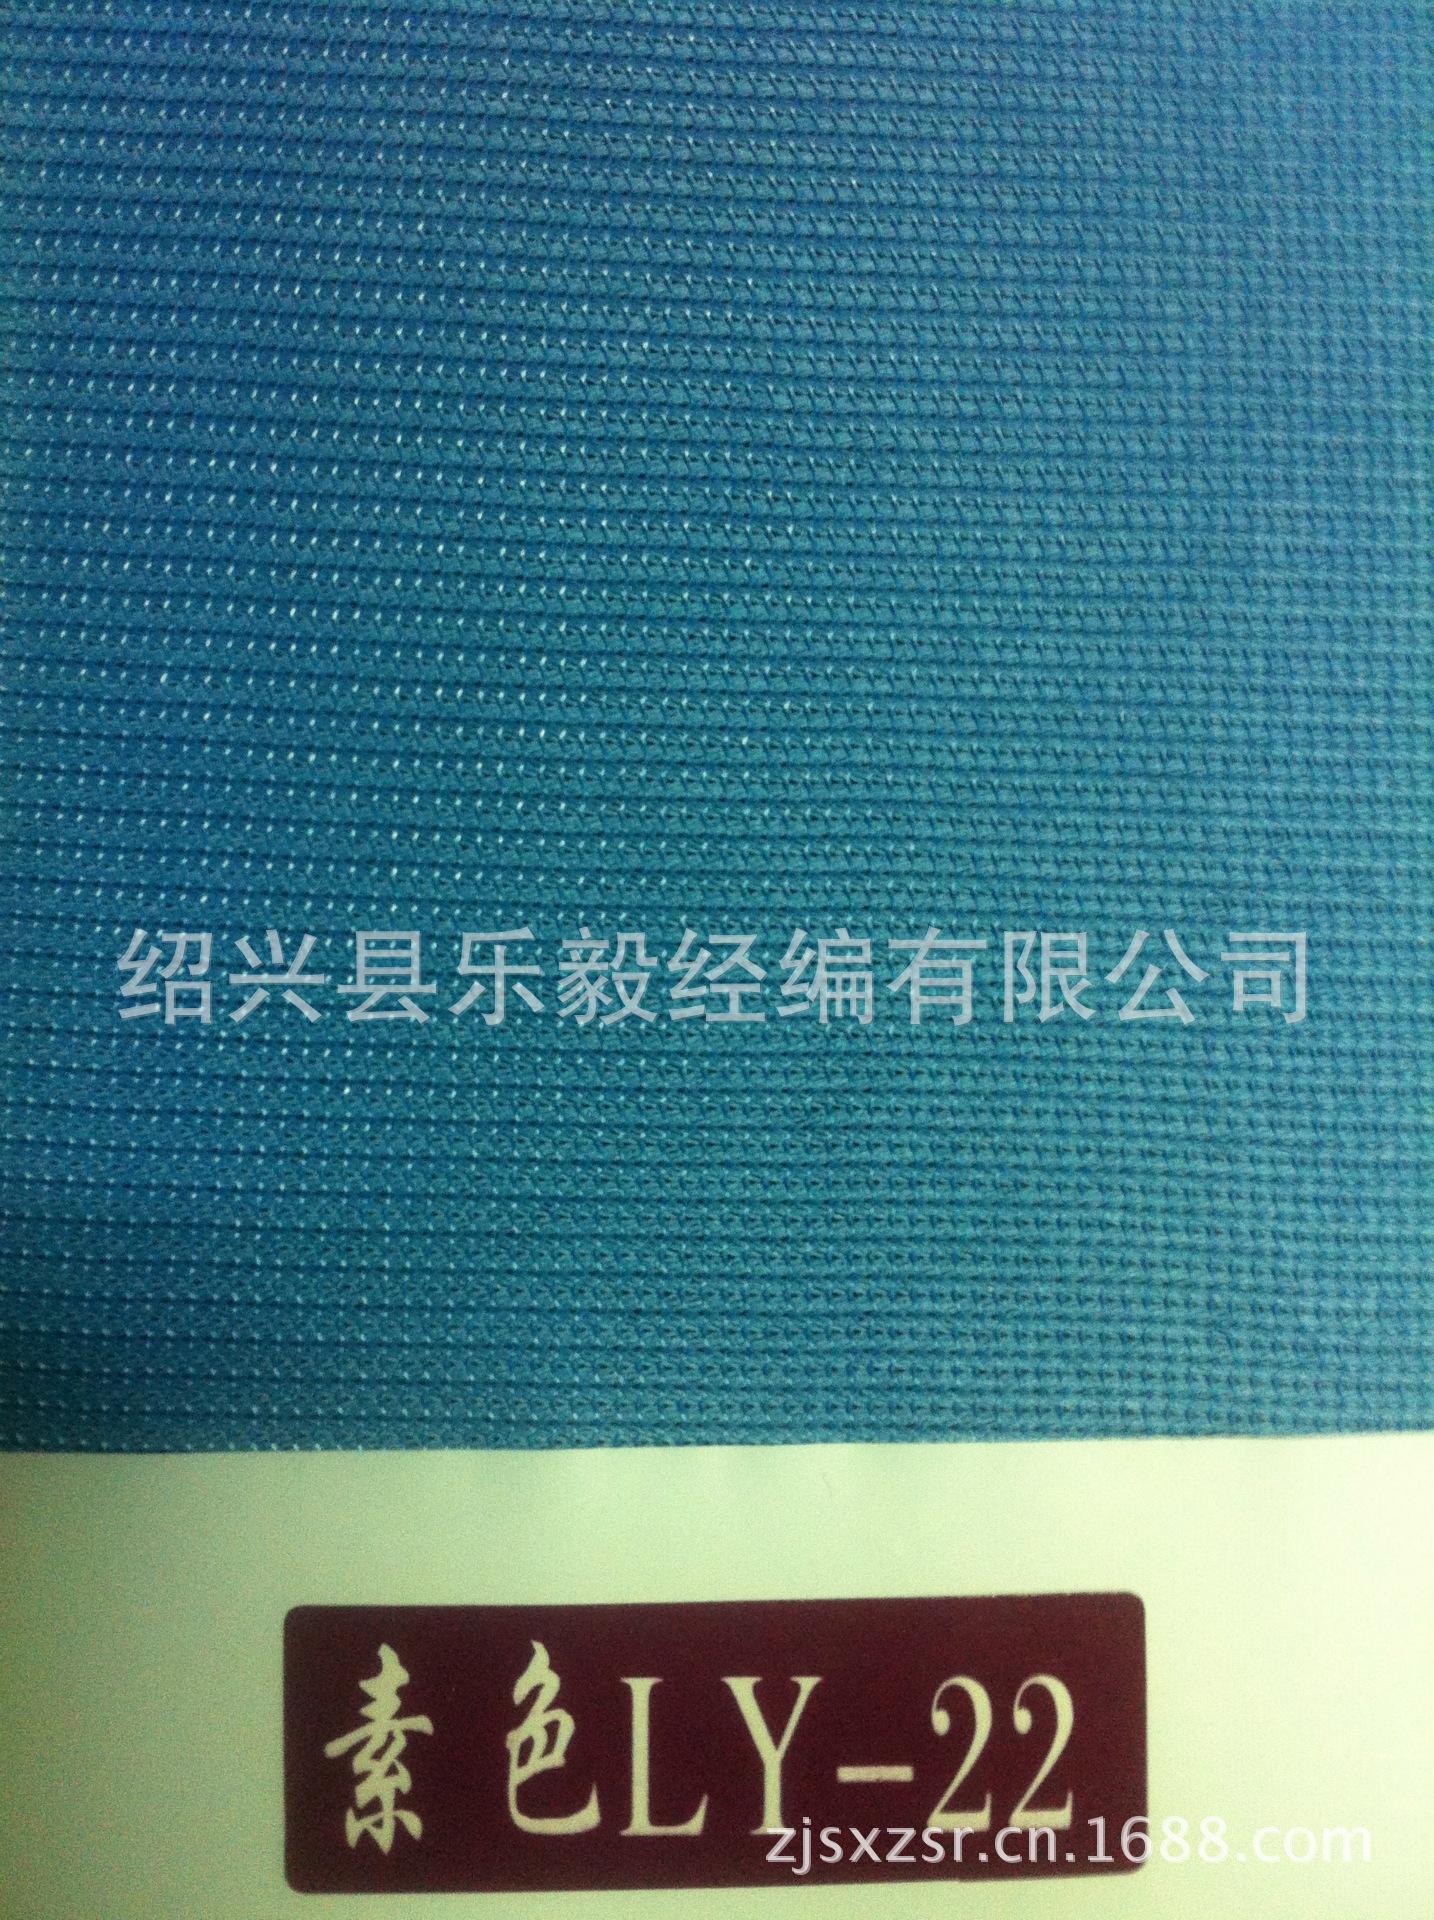 乐毅牌高档永久性阻燃可水洗防火素色阻燃围帘医院用隔帘 窗帘